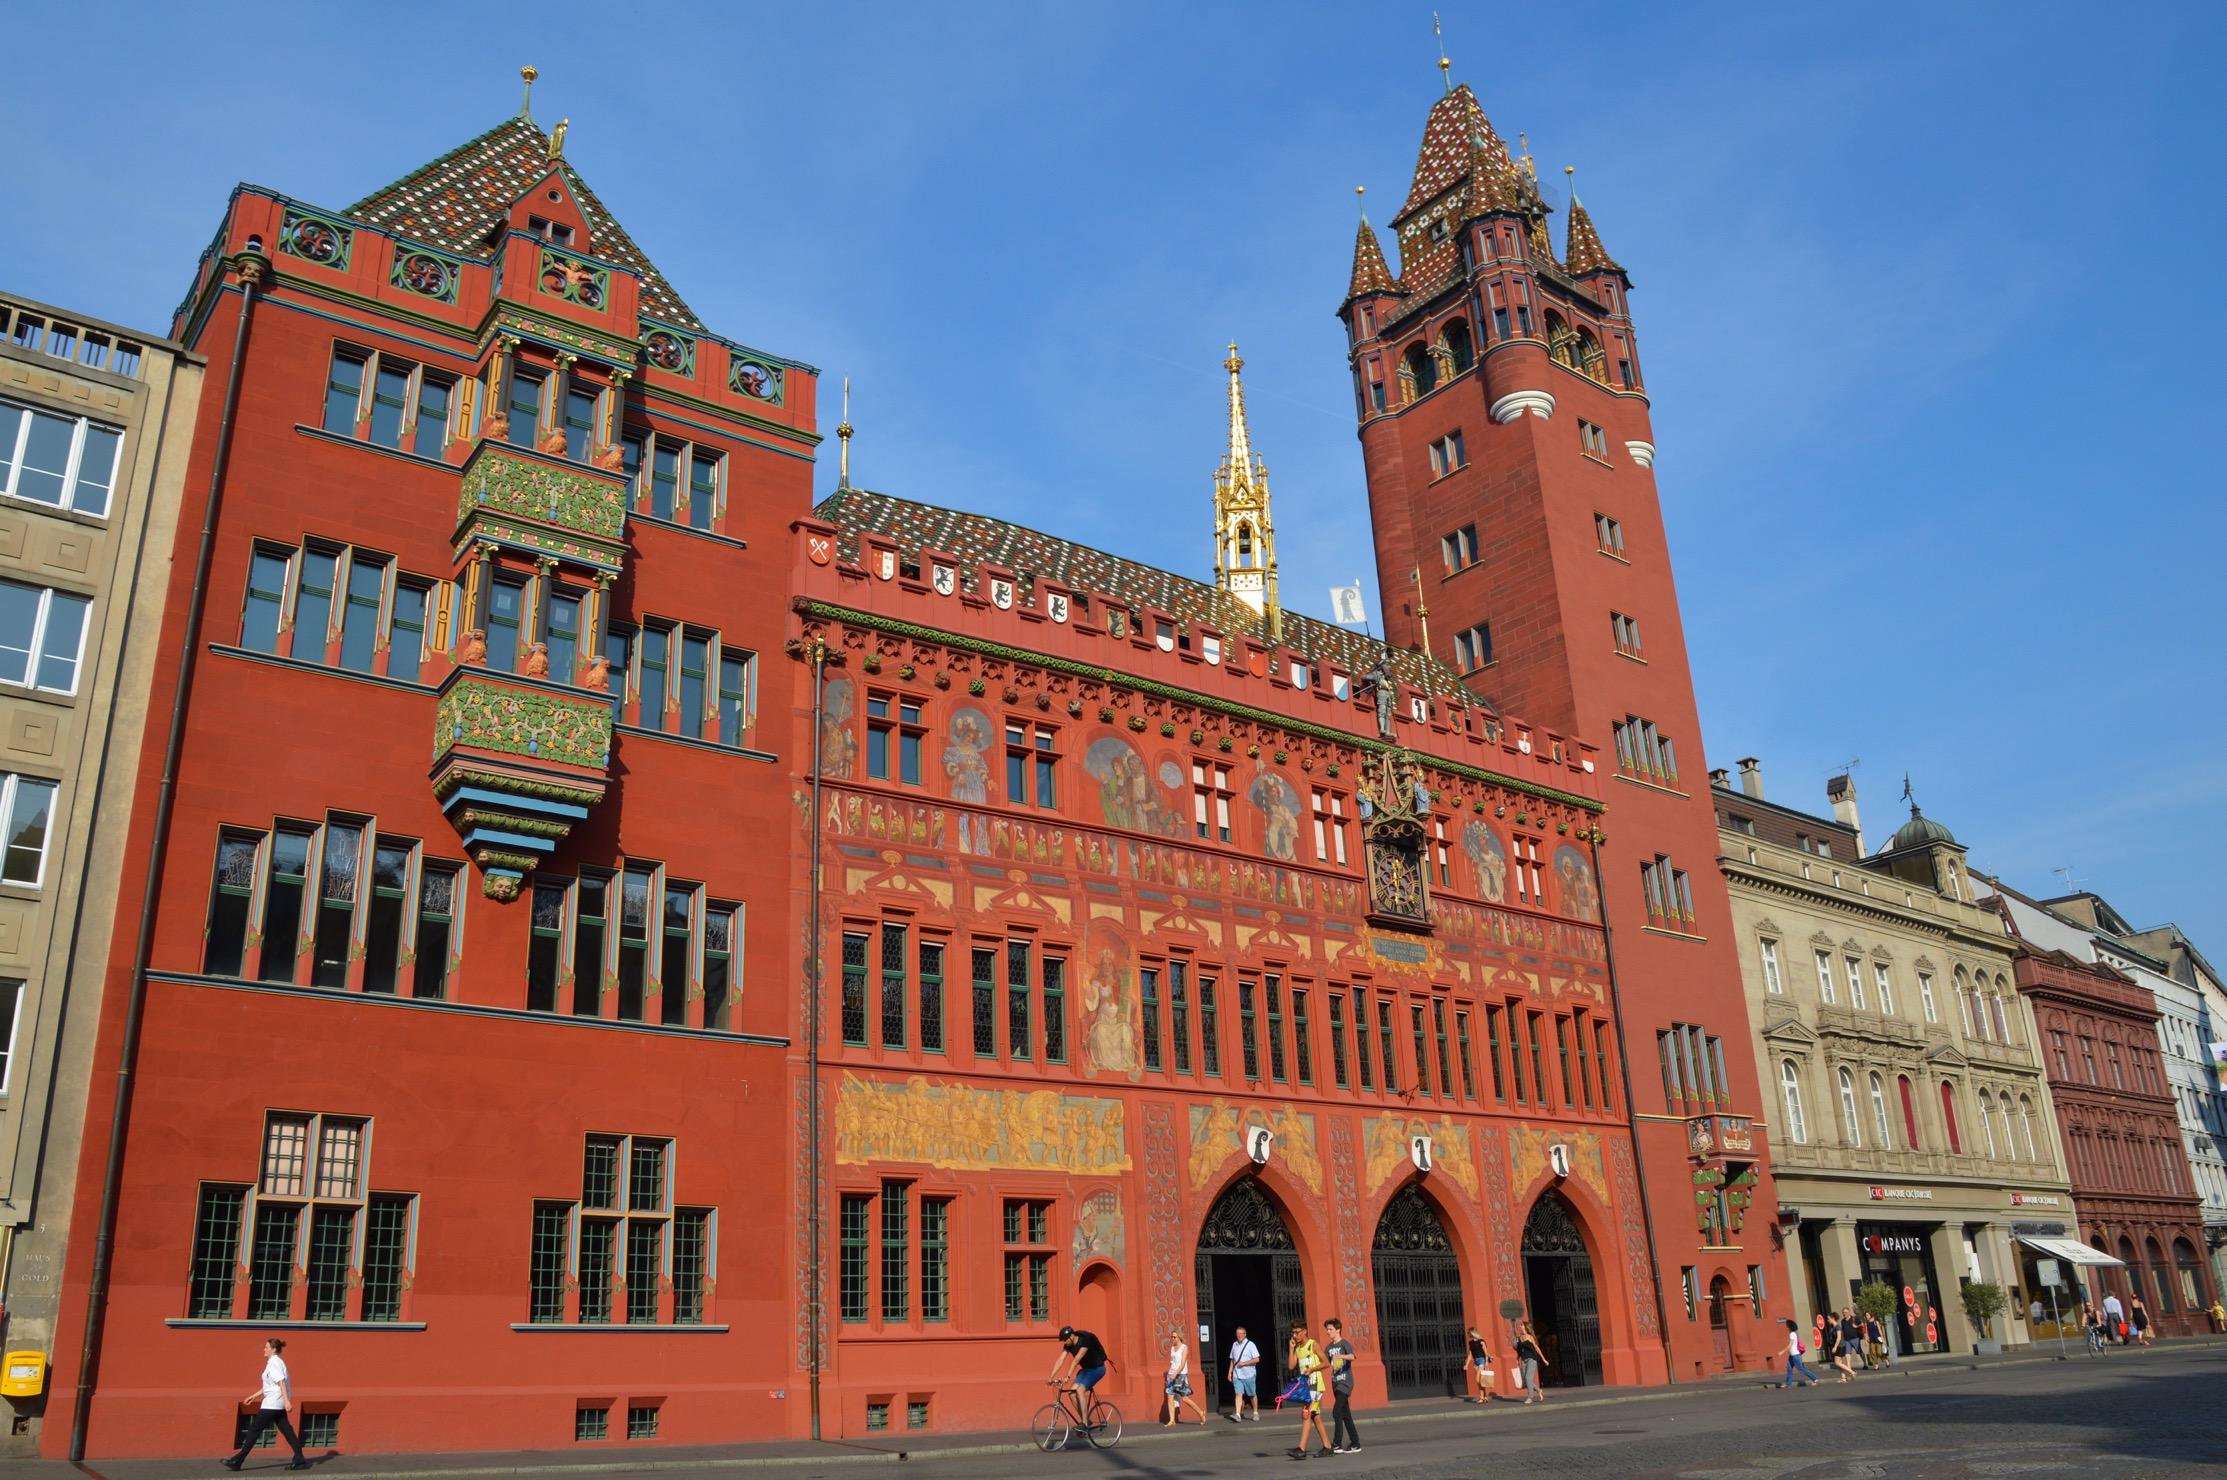 Rathaus Basel-Stadt, Switzerland